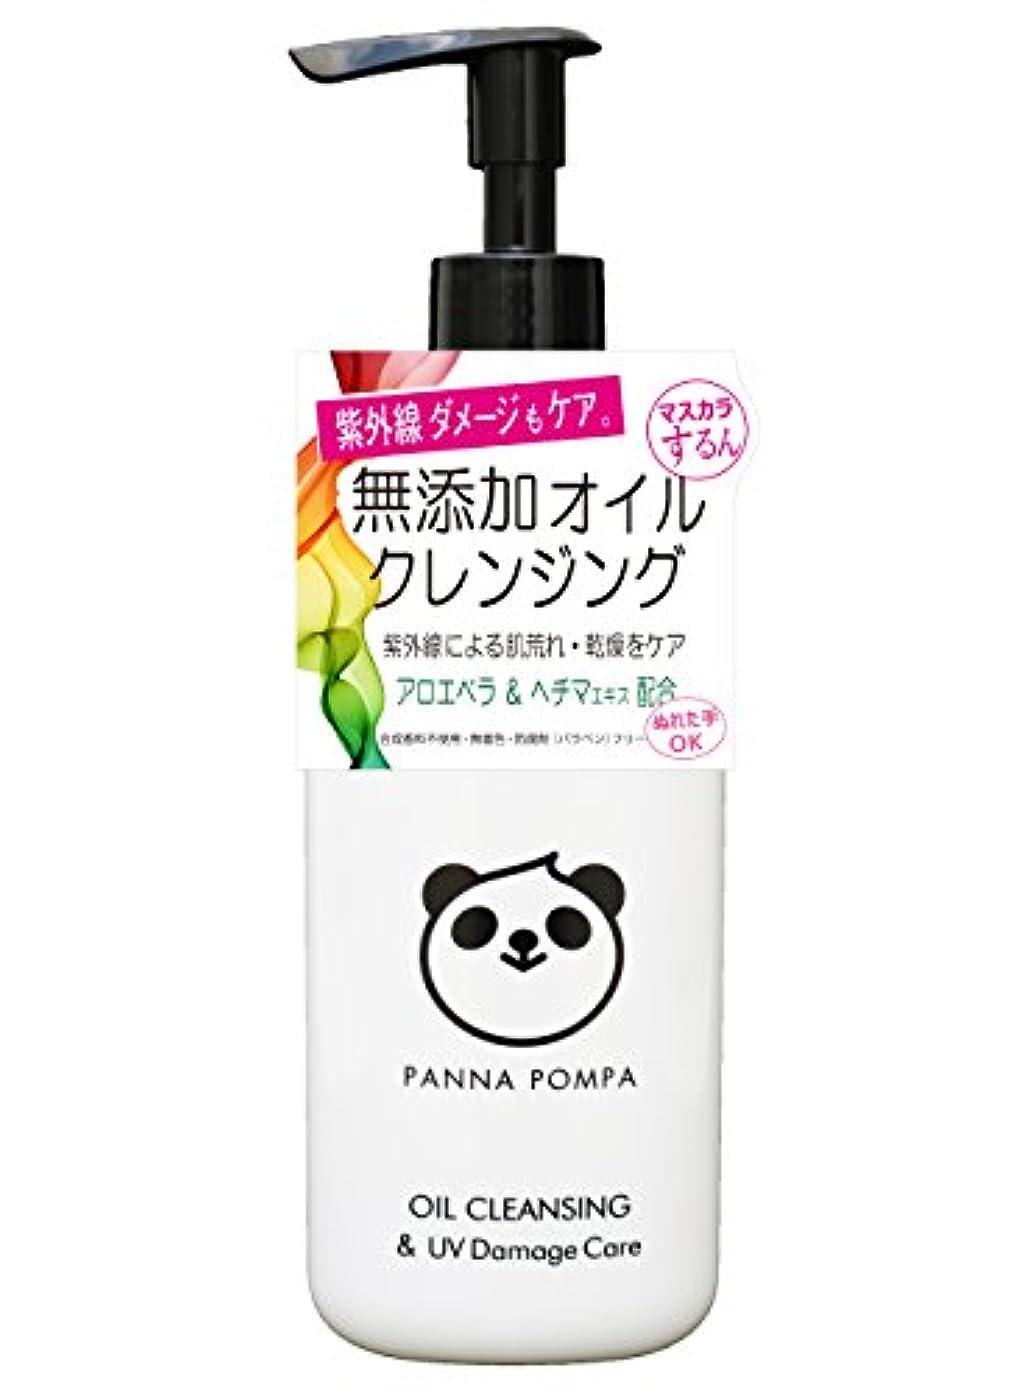 モックソーダ水ほのかパンナポンパ 紫外線ダメージ肌の無添加オイルクレンジング